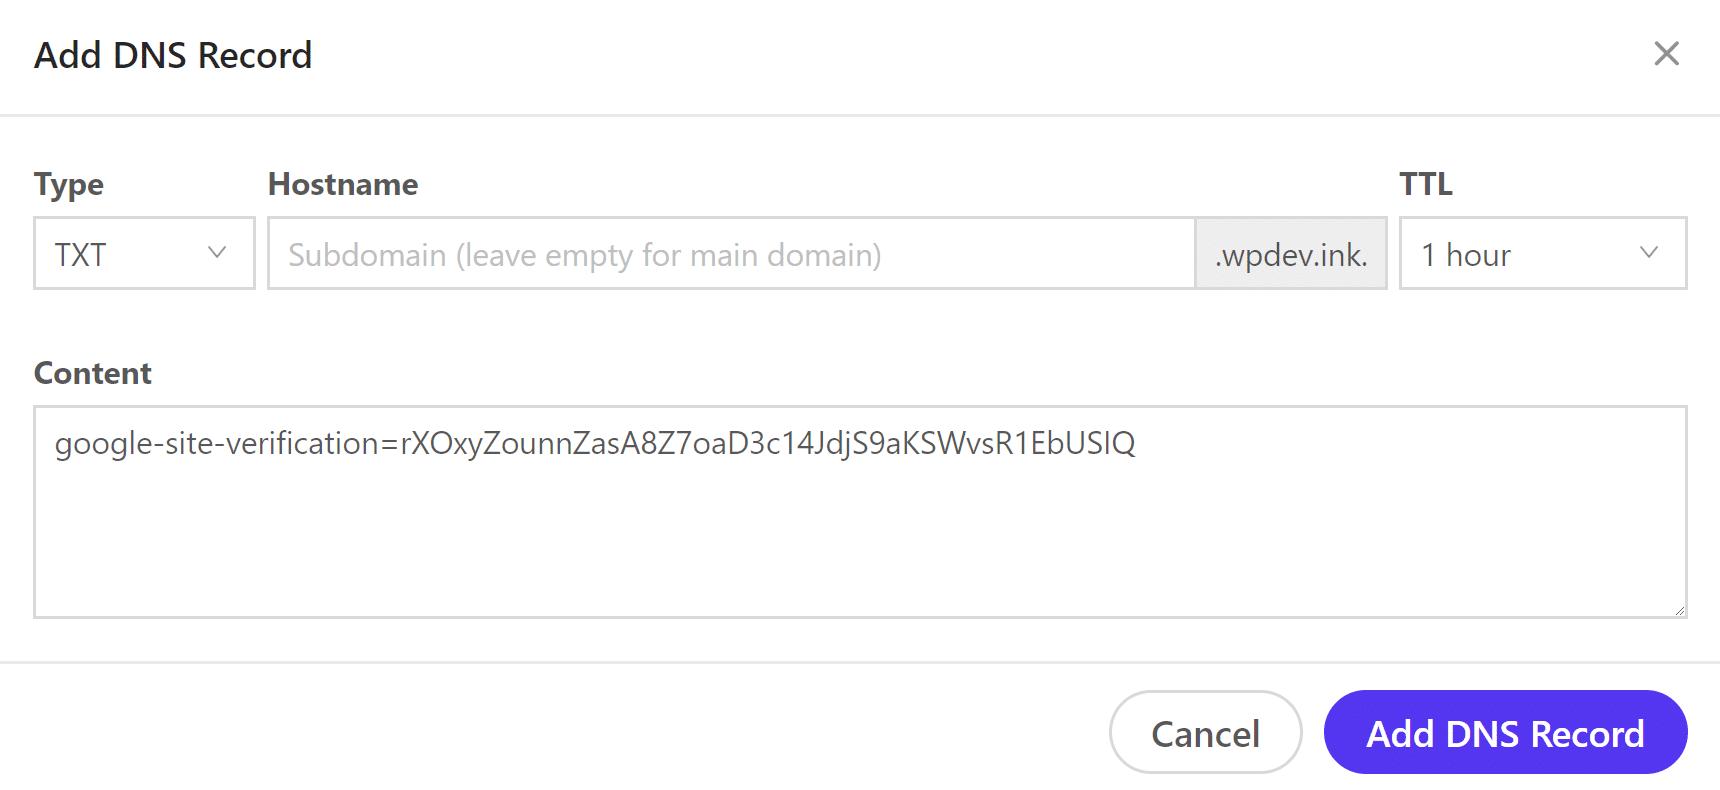 Ajouter enregistrement de type TXT